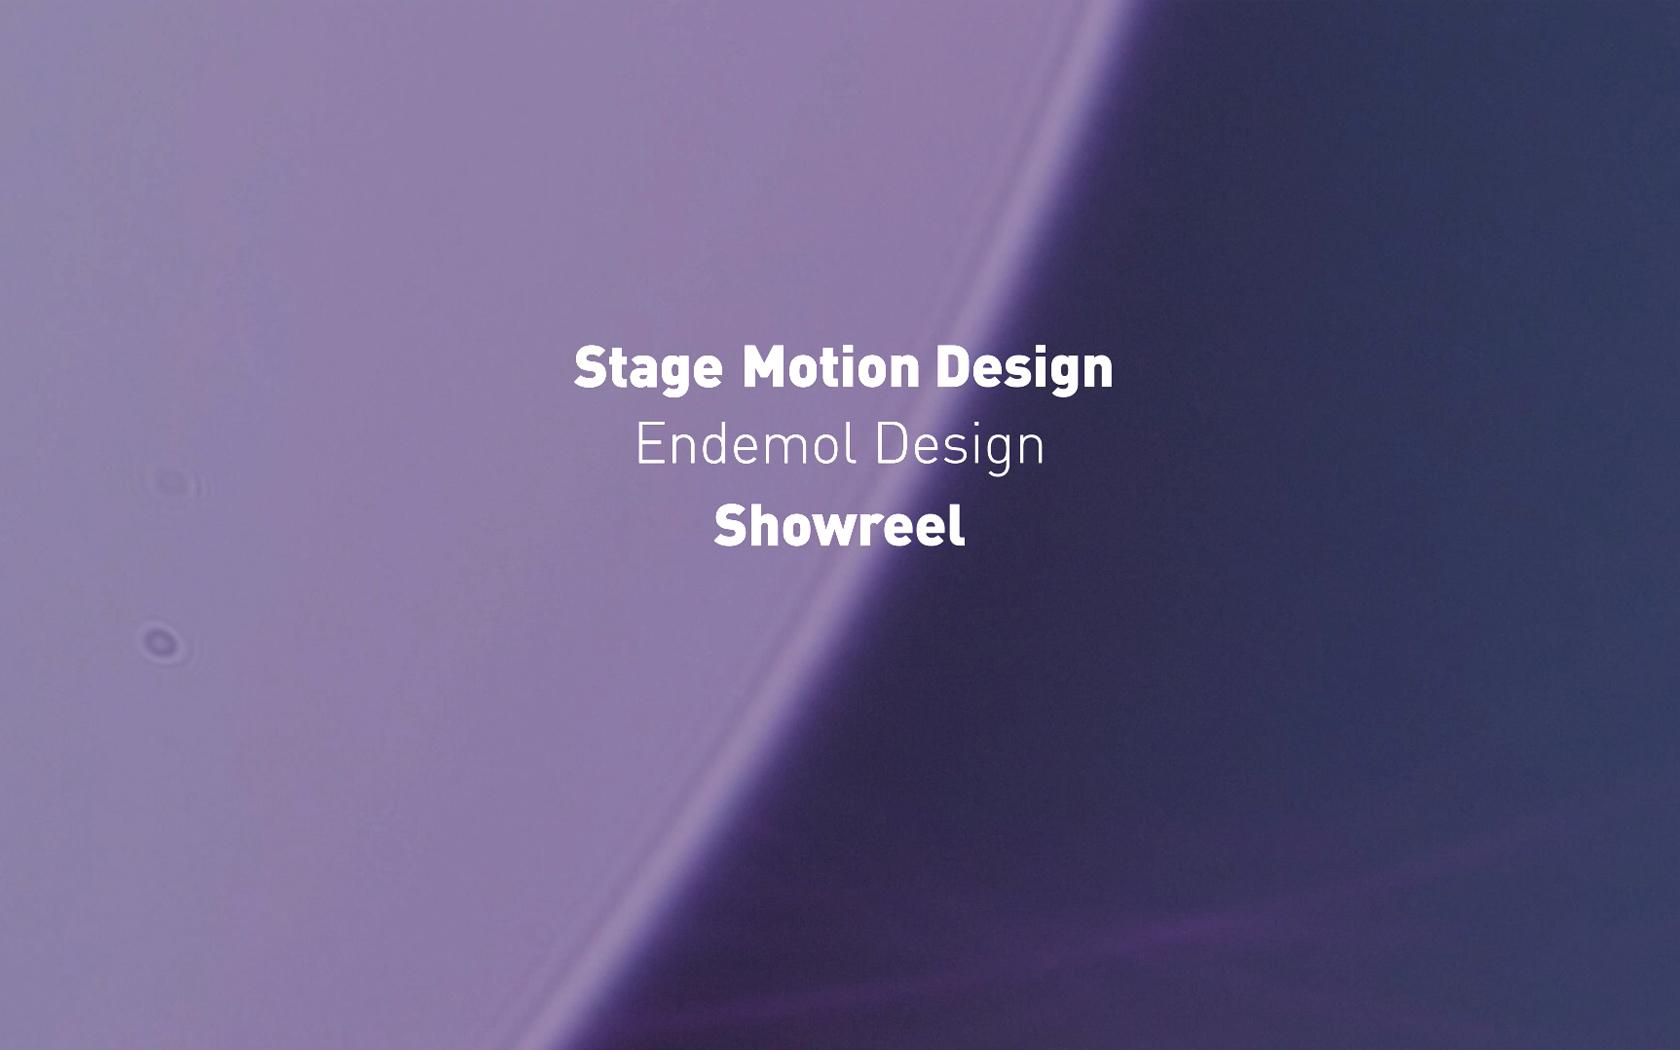 Showreel stage Motion Design - Endemol Design